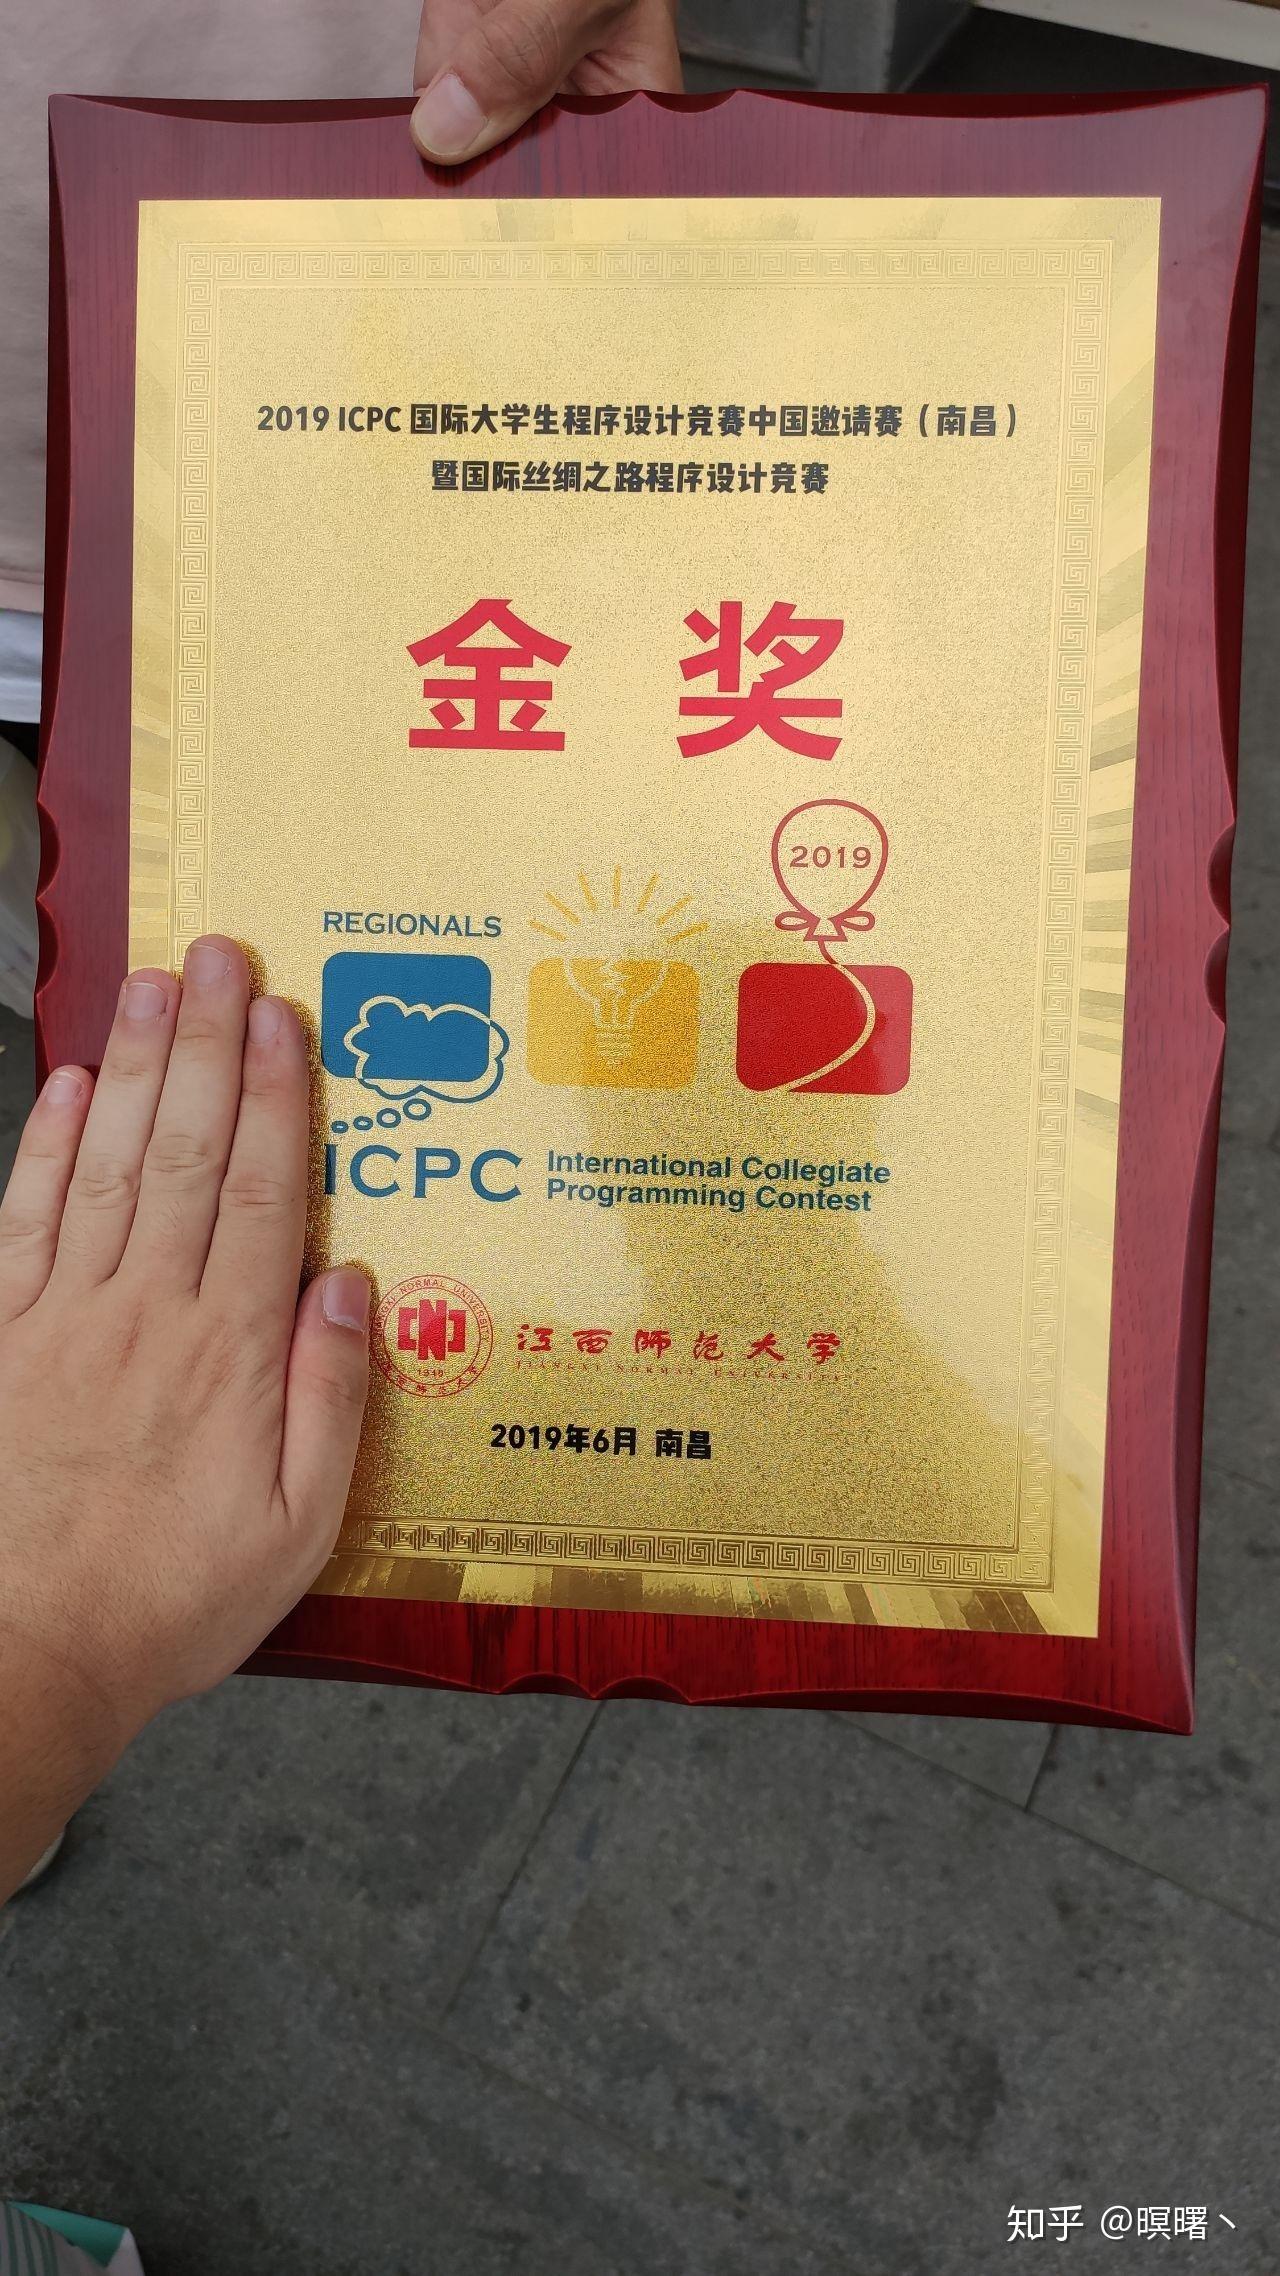 如何評價2019年ACM-ICPC南昌邀請賽?